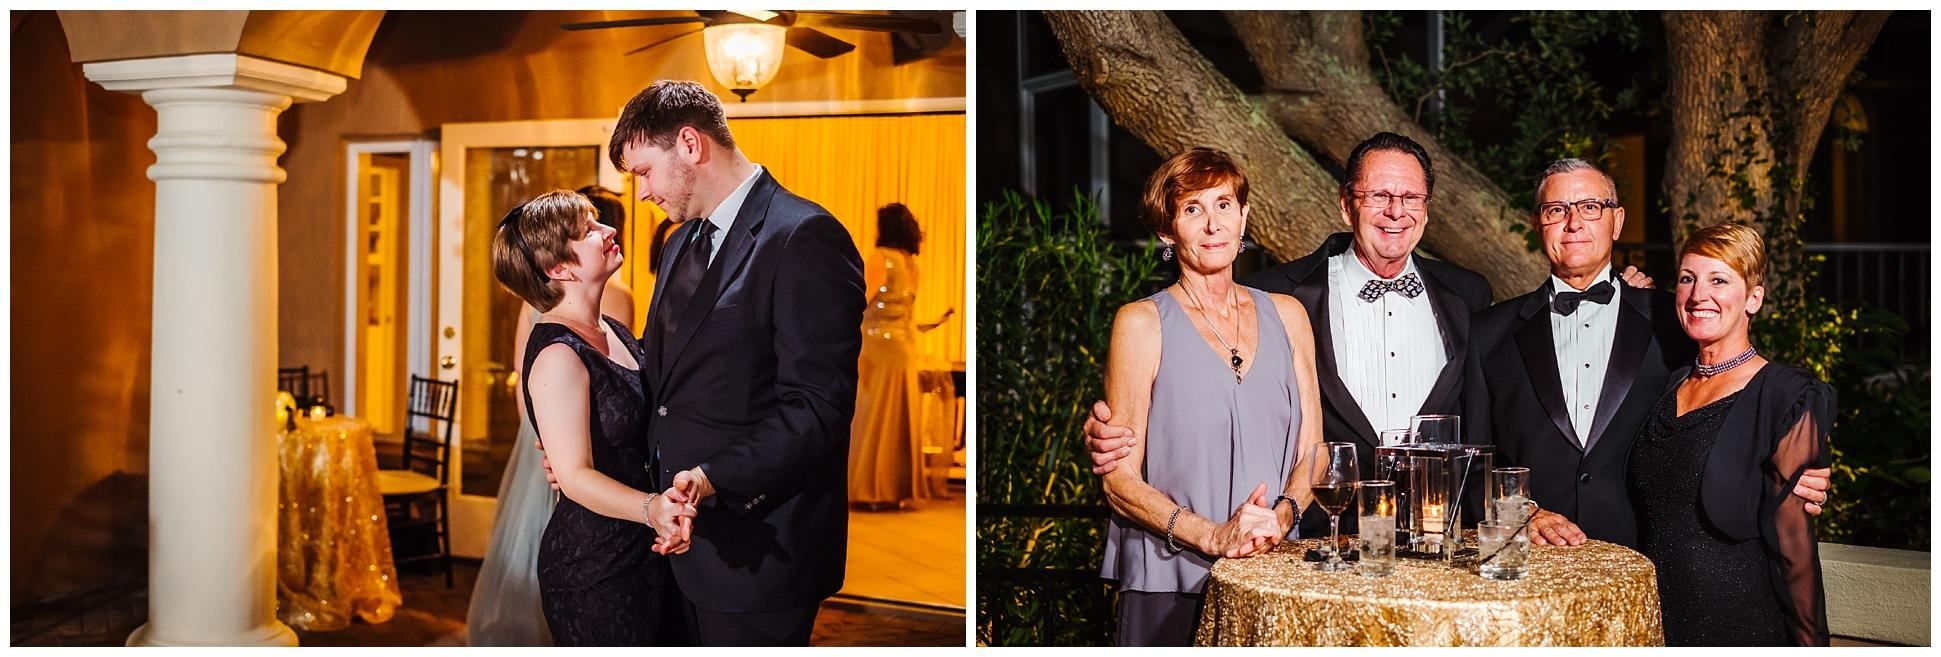 tierra-verde-st-pete-florida-home-luxury-wedding-greenery-pink-pixie-bride_0081.jpg